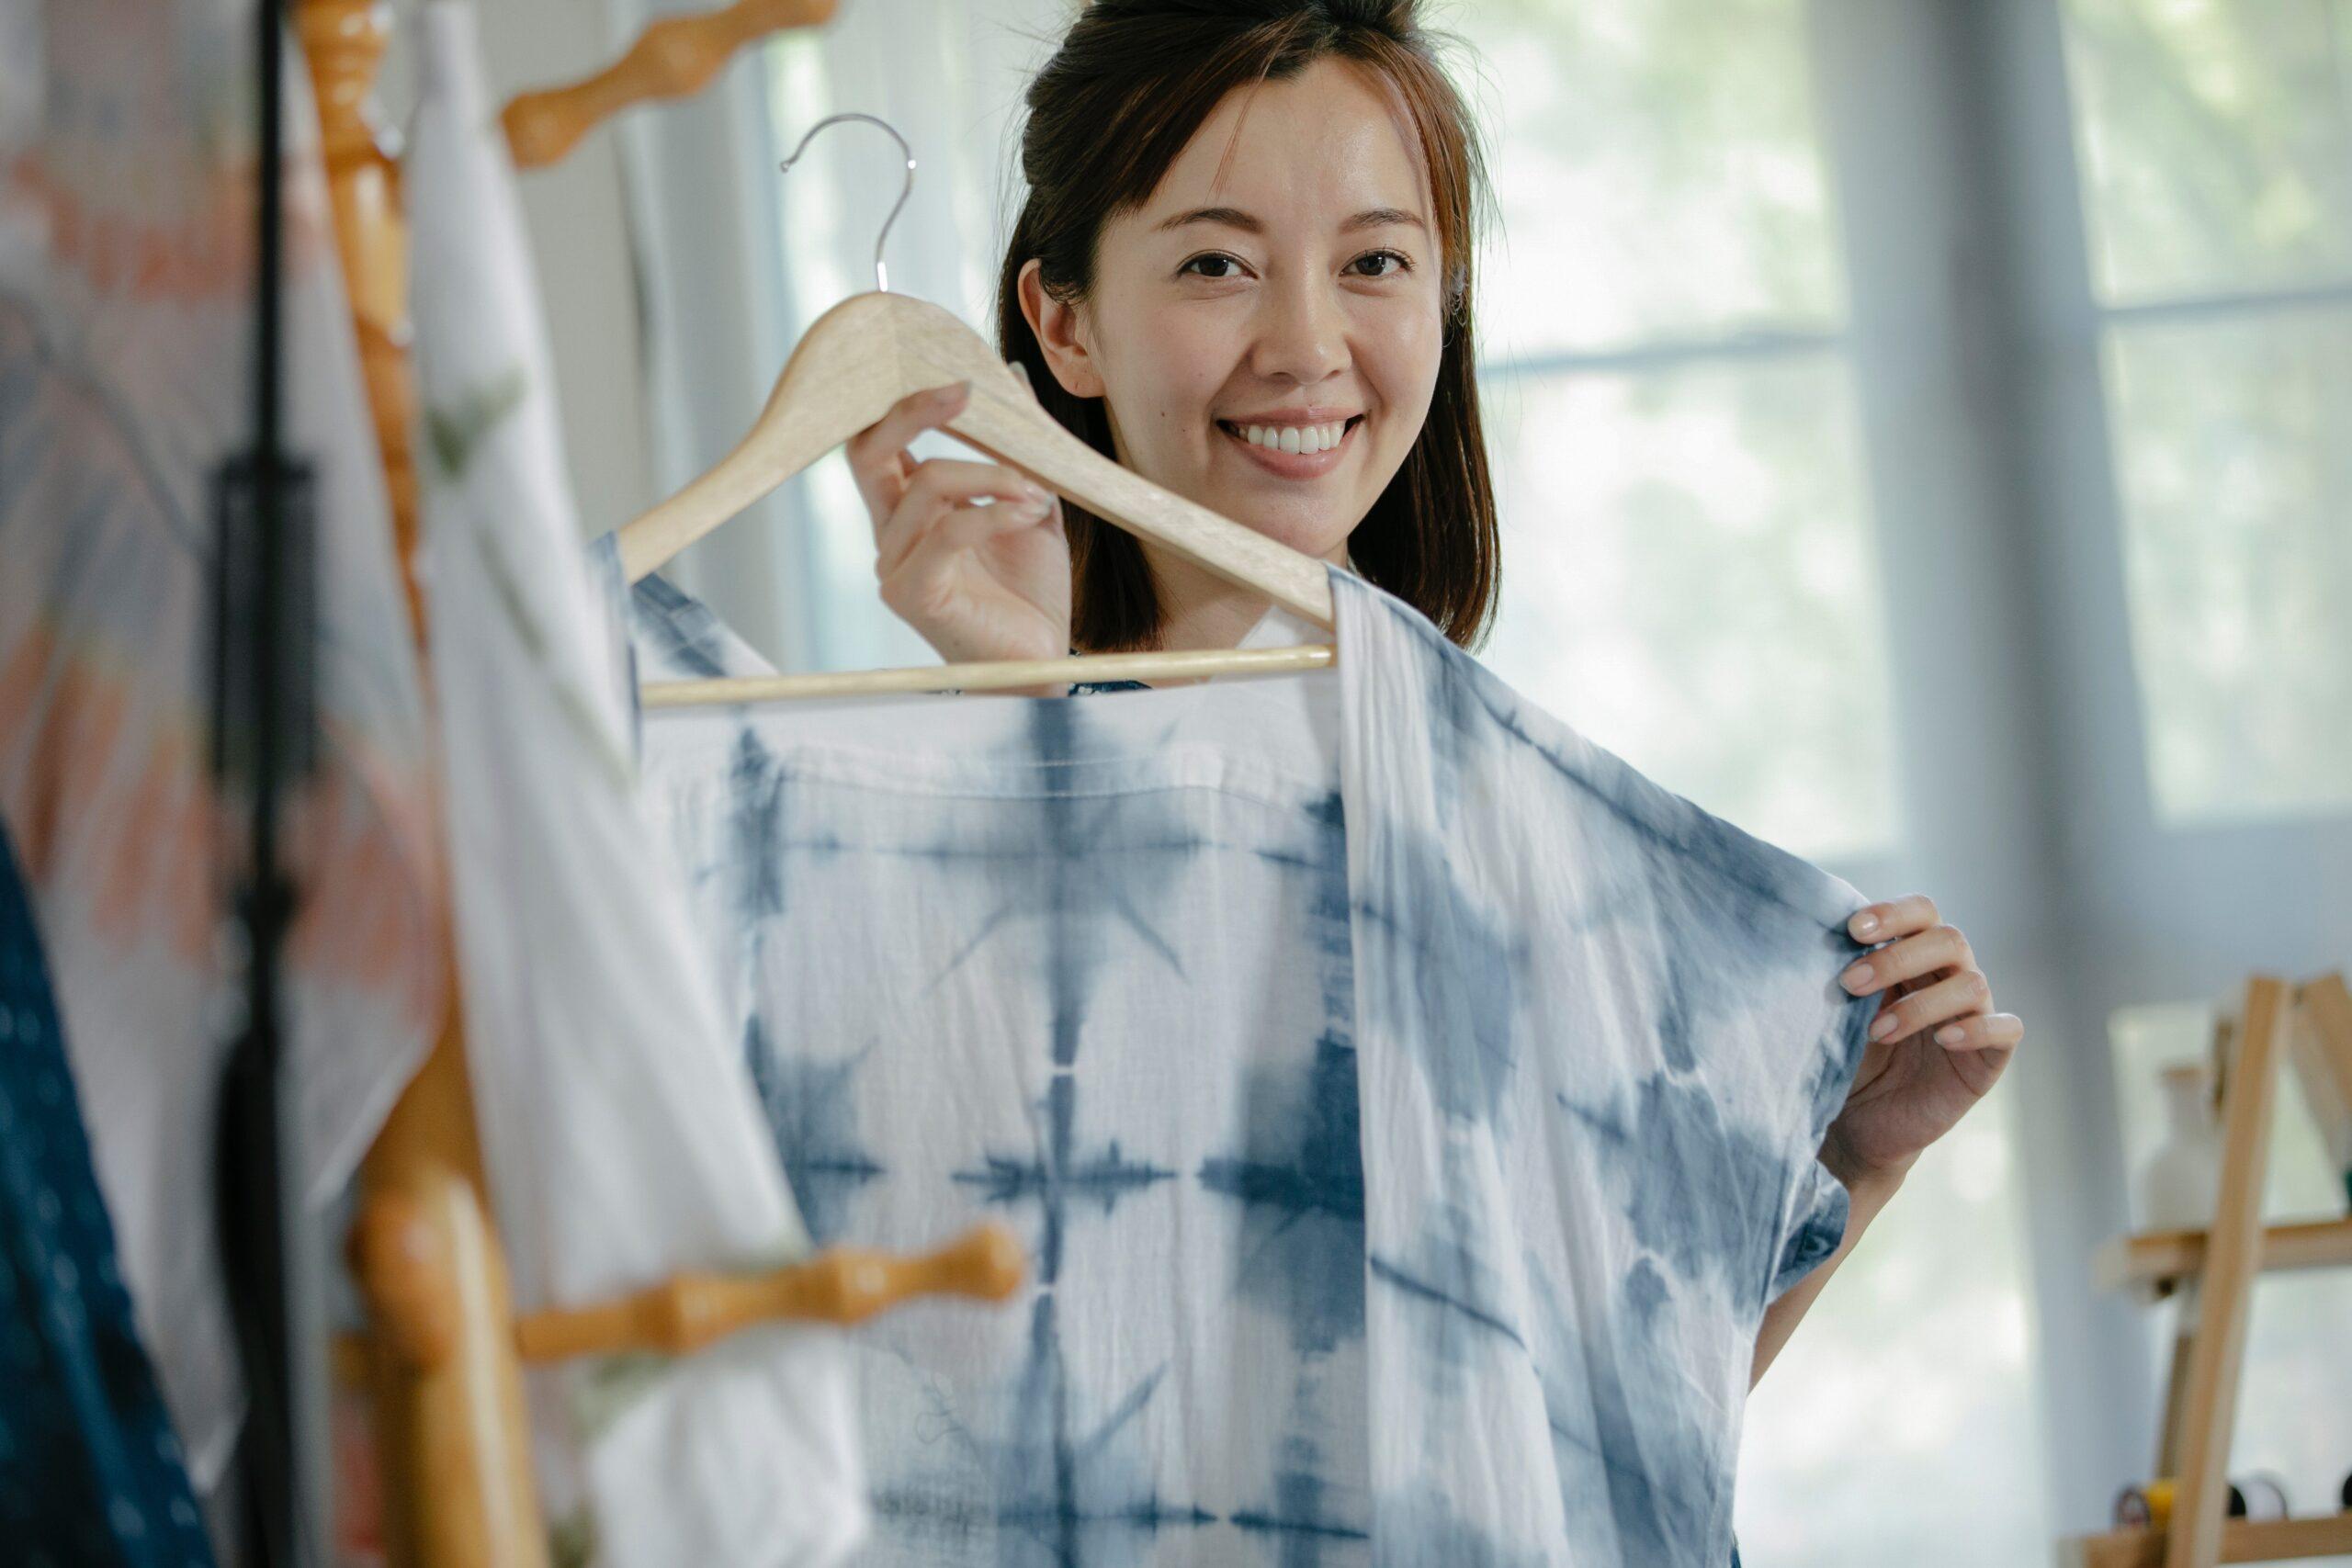 Как заказать производство своего товара в Китае под своим брендом ODM/OEM